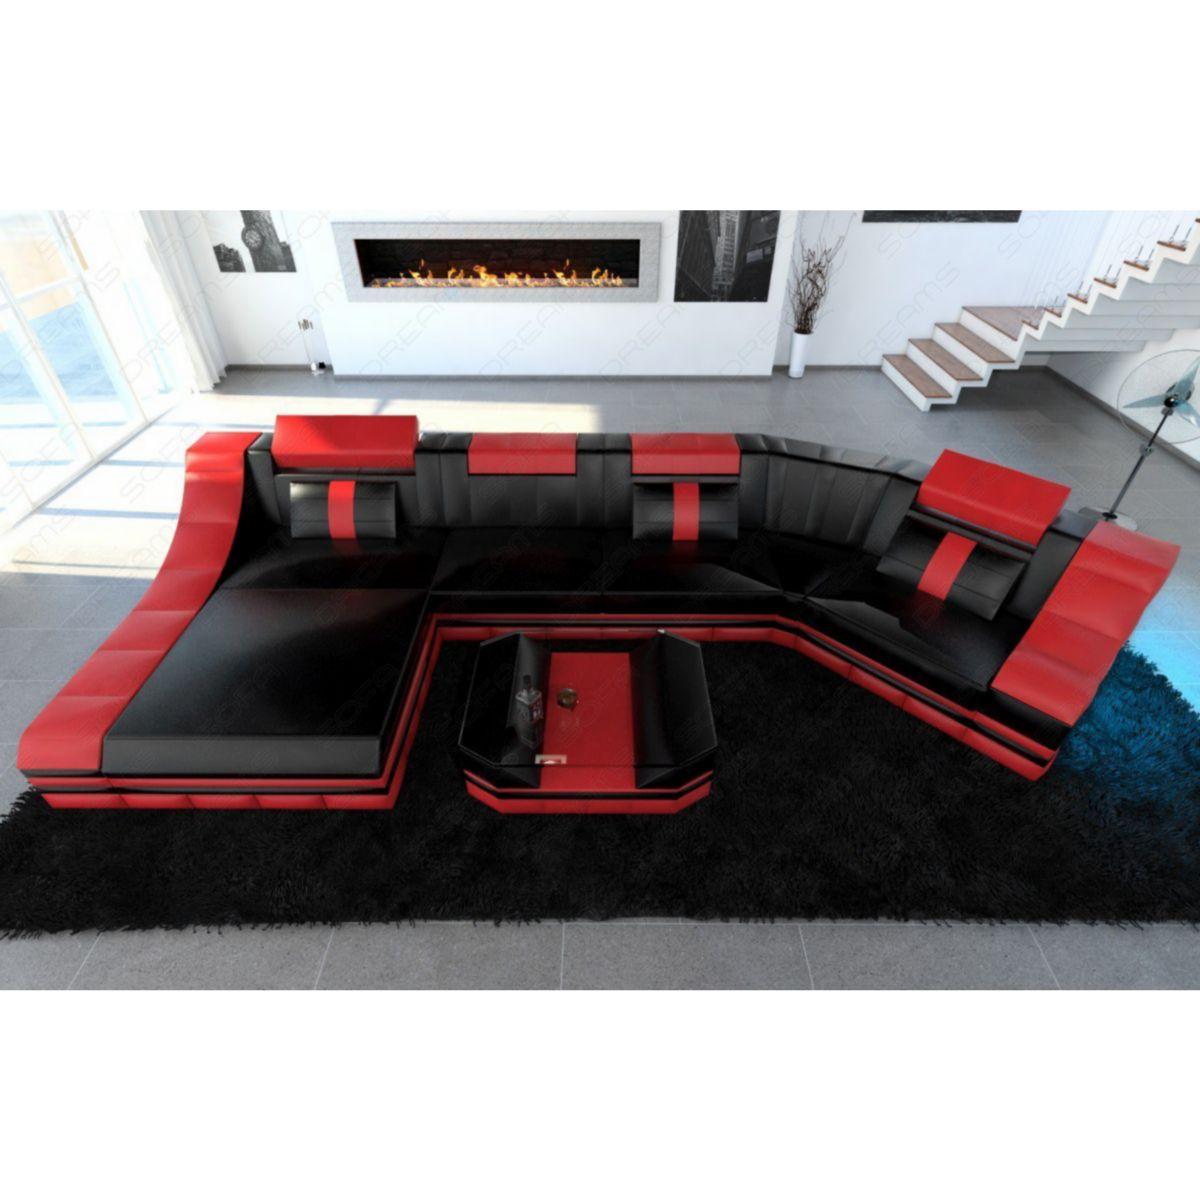 Sofa Dreams Luxus Wohnlandschaft TURINO C-Form mit LED Beleuchtung jetztbilligerkaufen